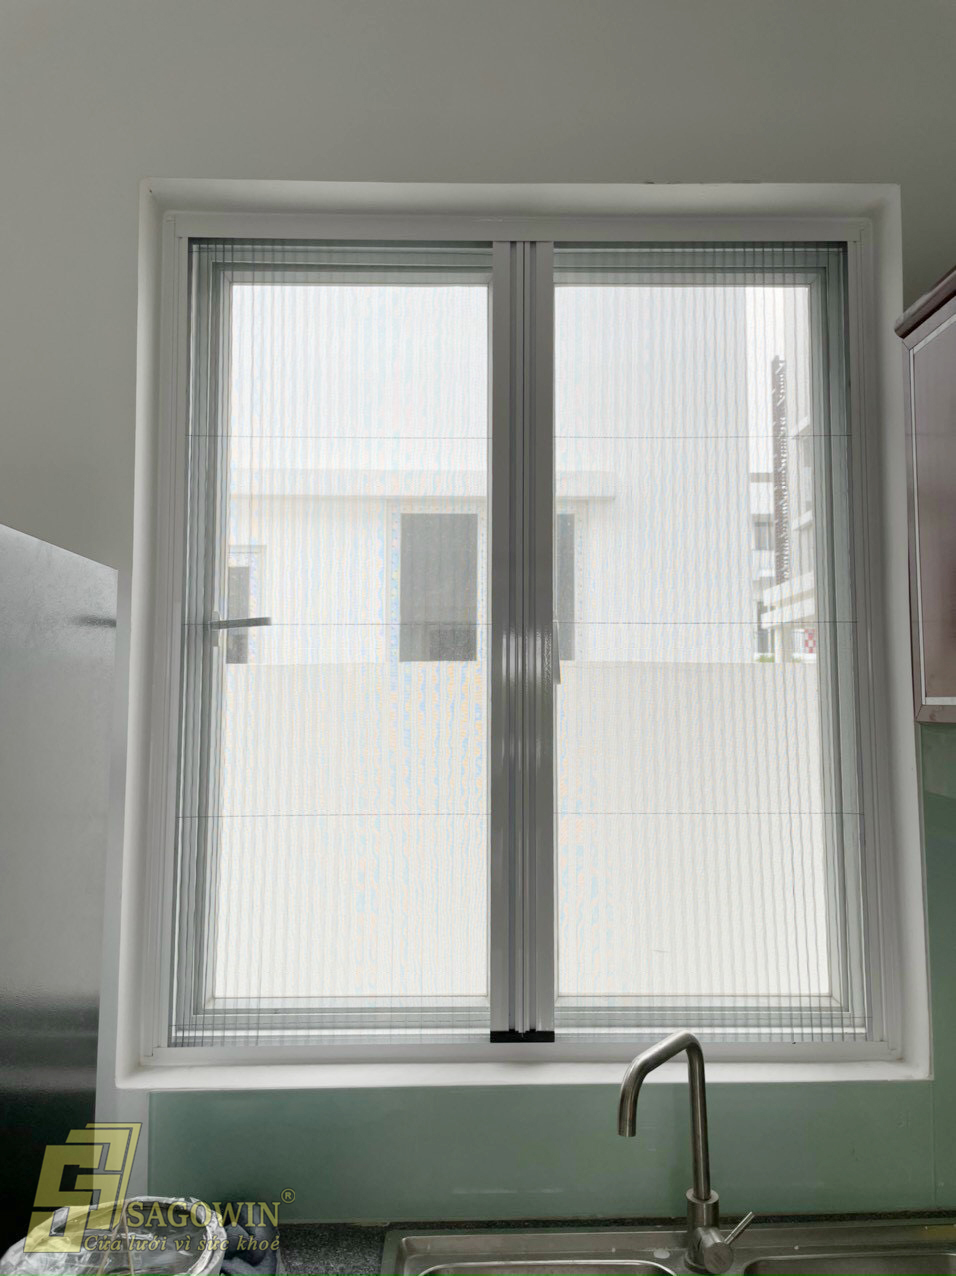 cửa sổ chống muổi phòng bếp